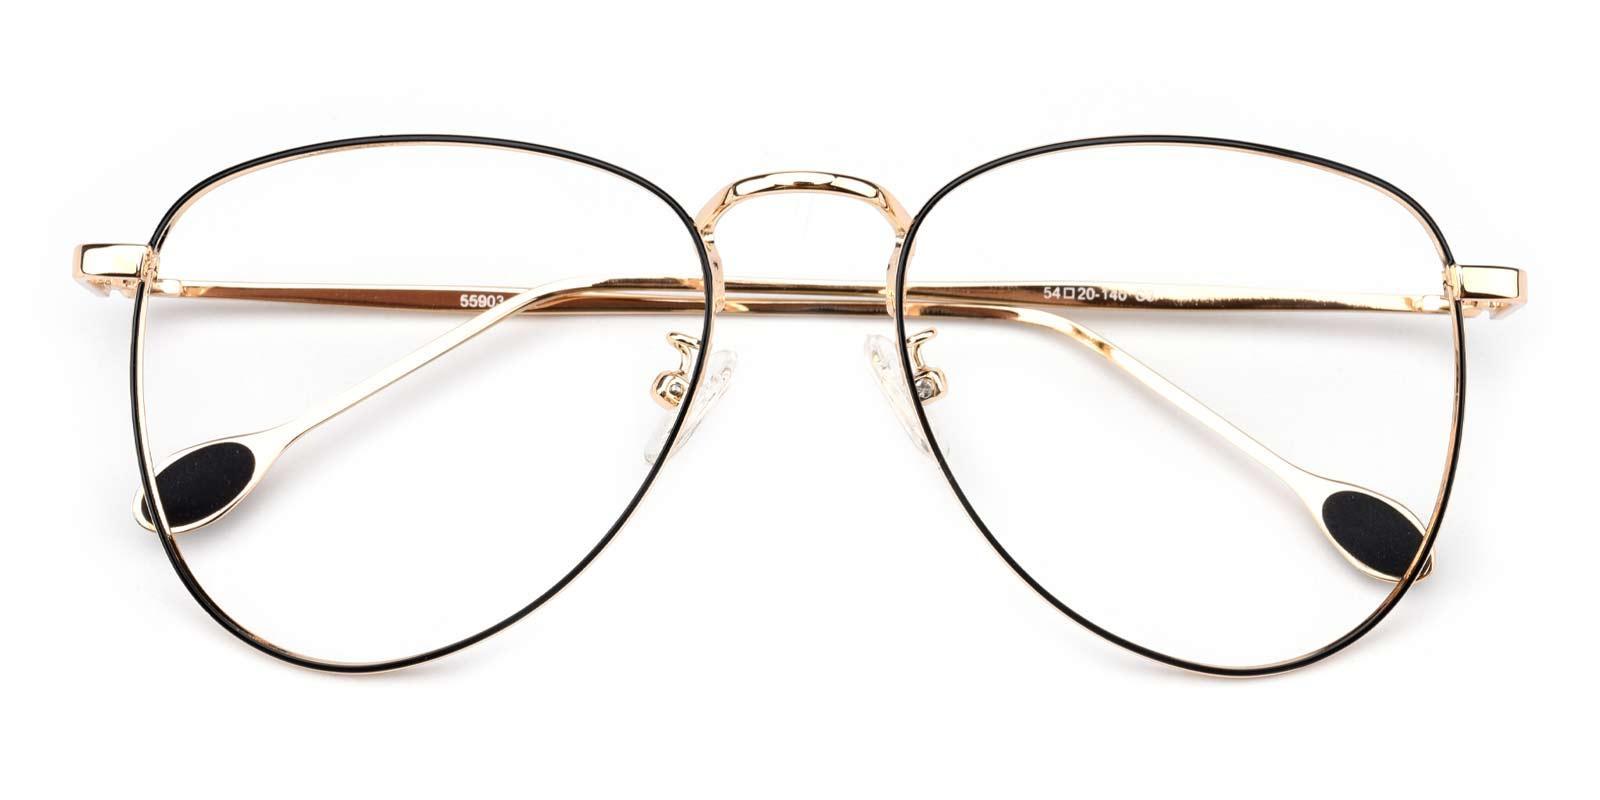 Bernice-Gold-Aviator-Metal-Eyeglasses-detail